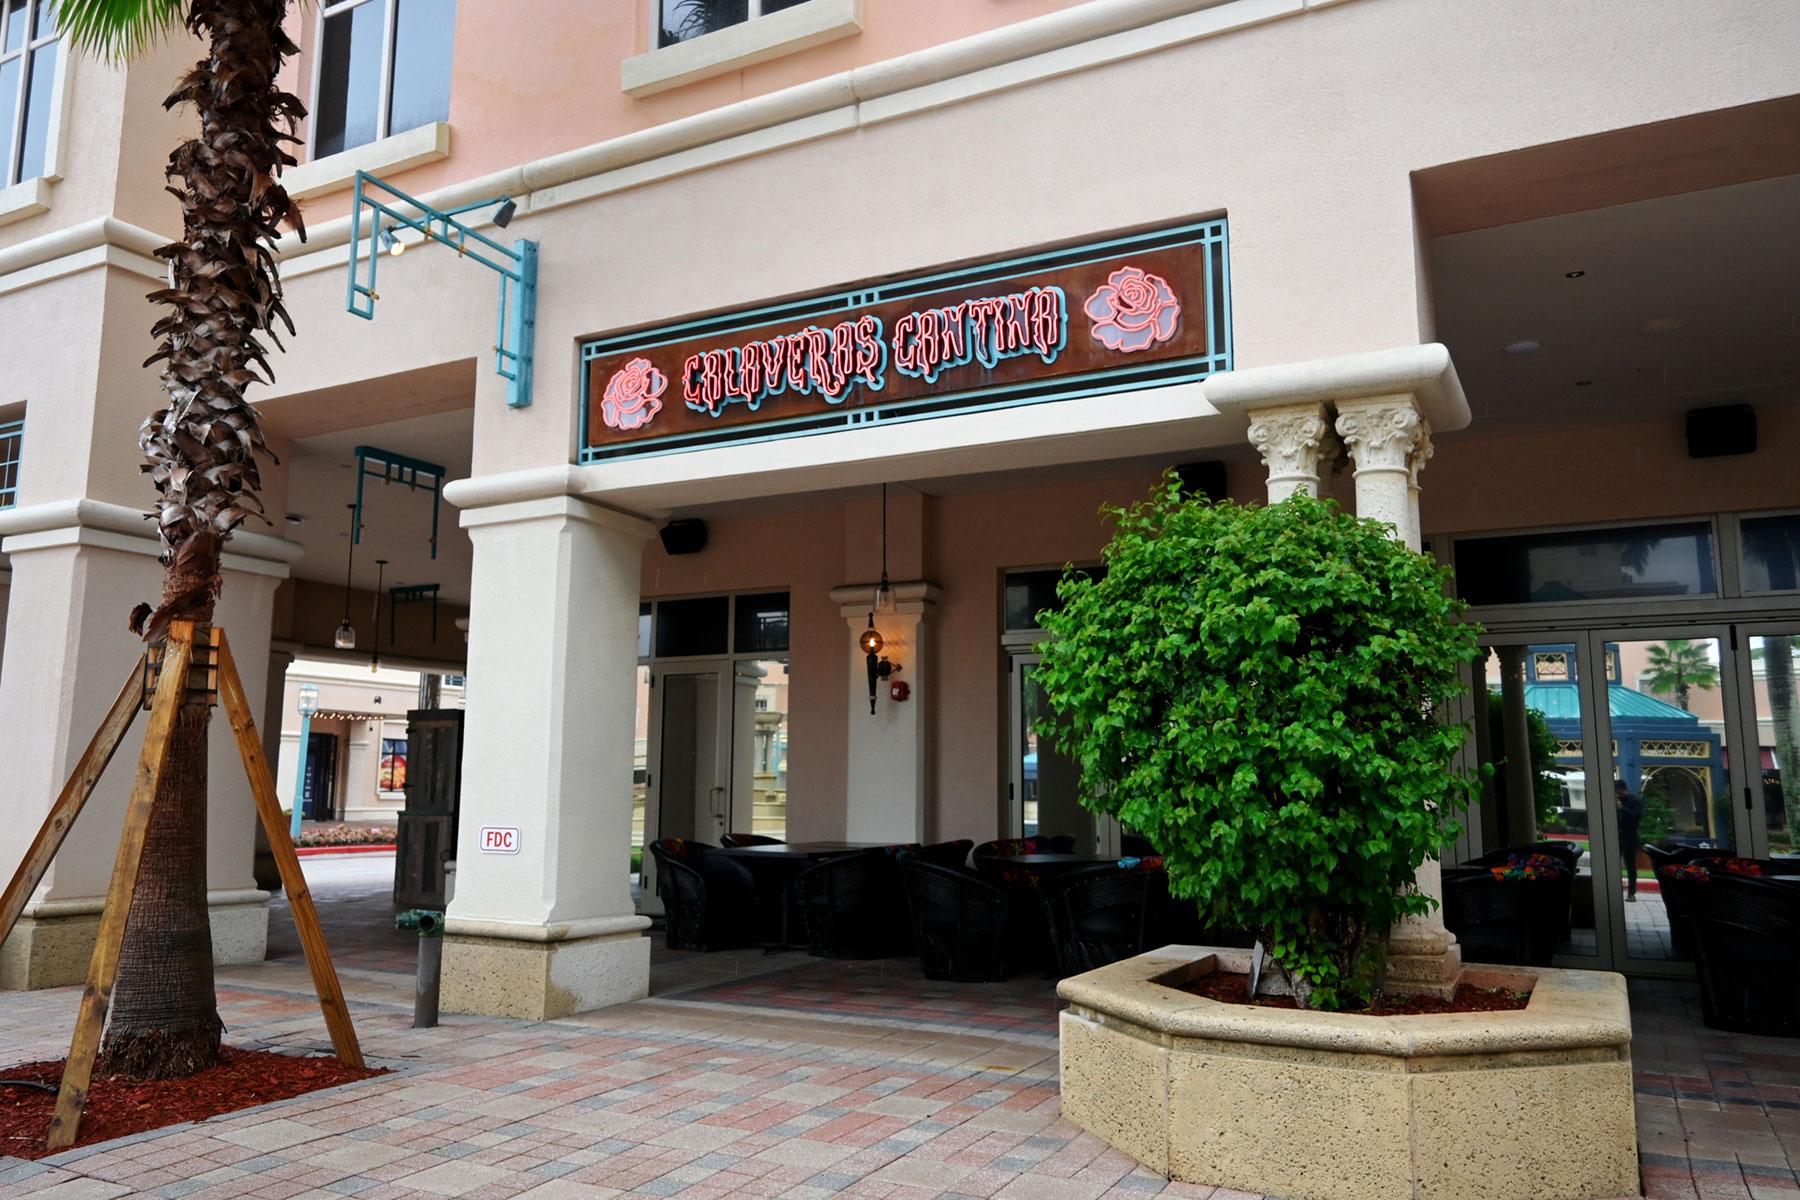 Boca Raton Calaveras Cantina Location